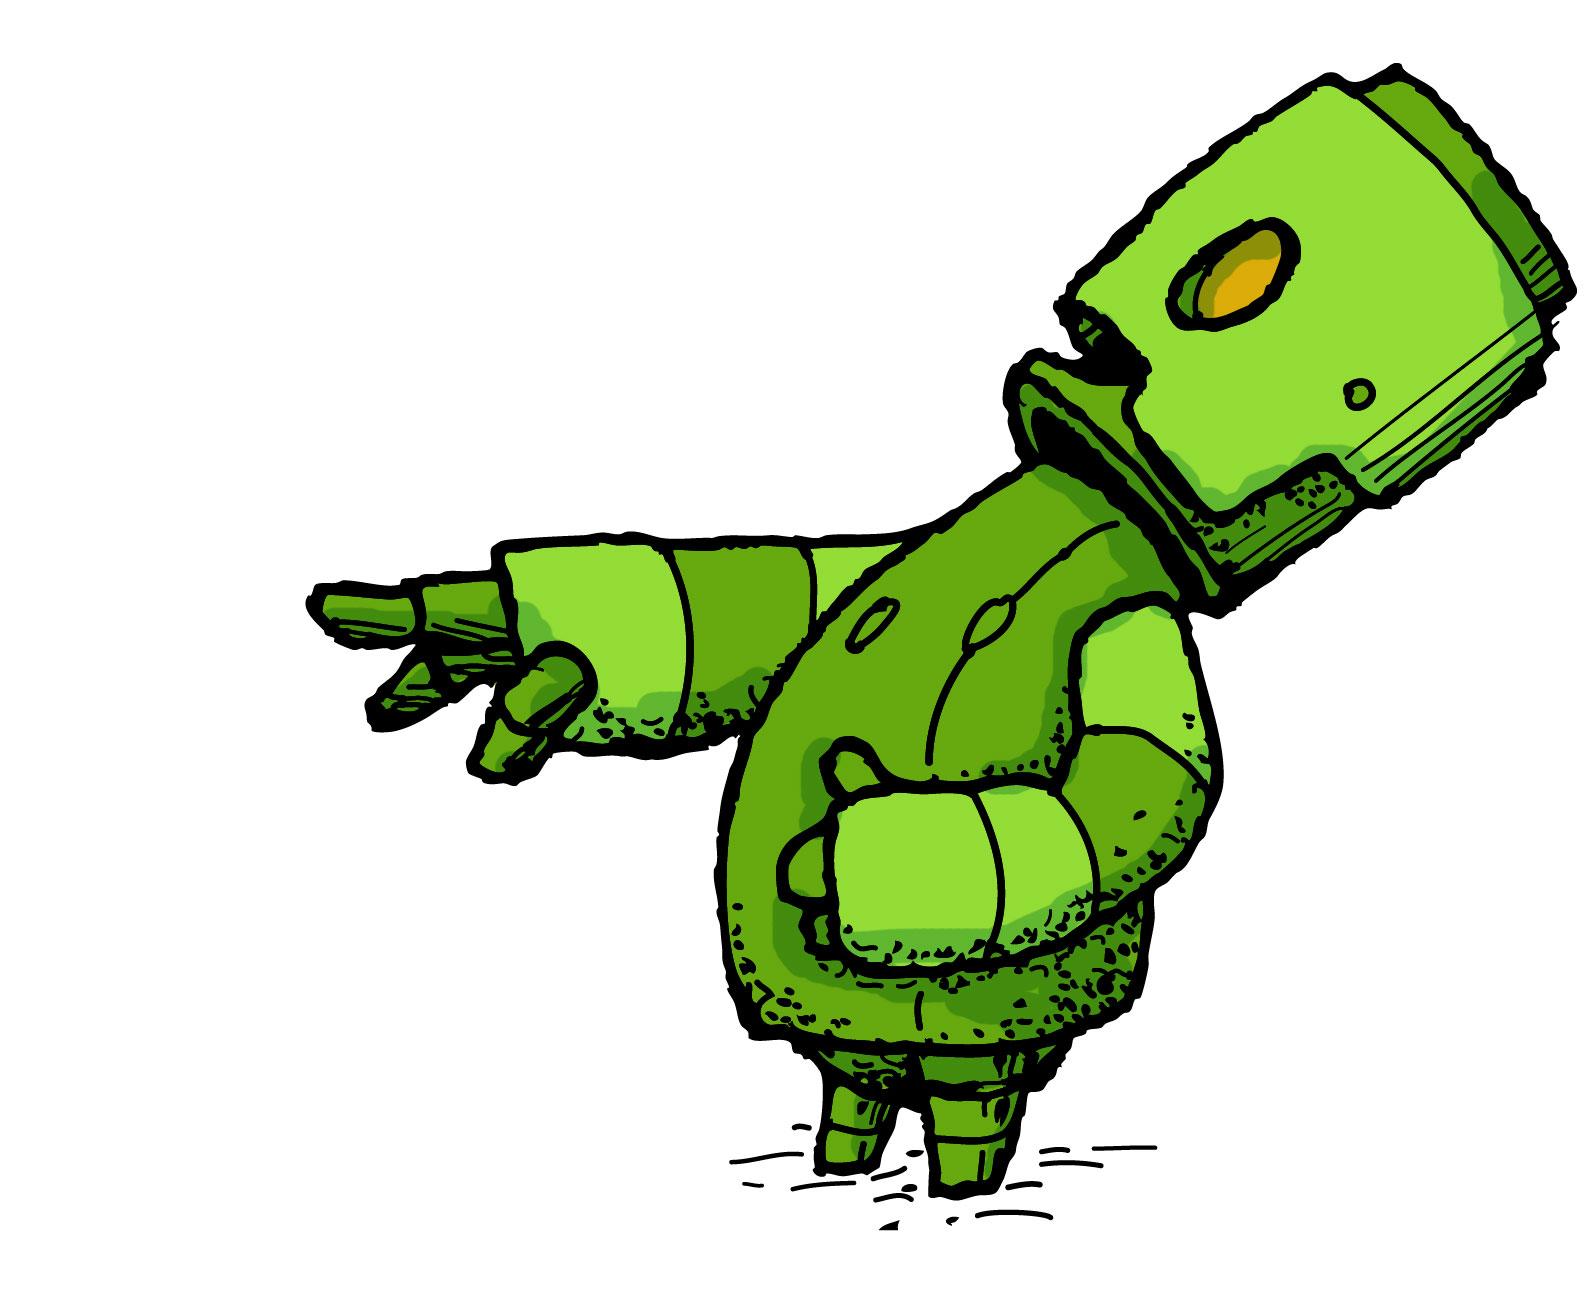 wee-bots-coloring_04.jpg